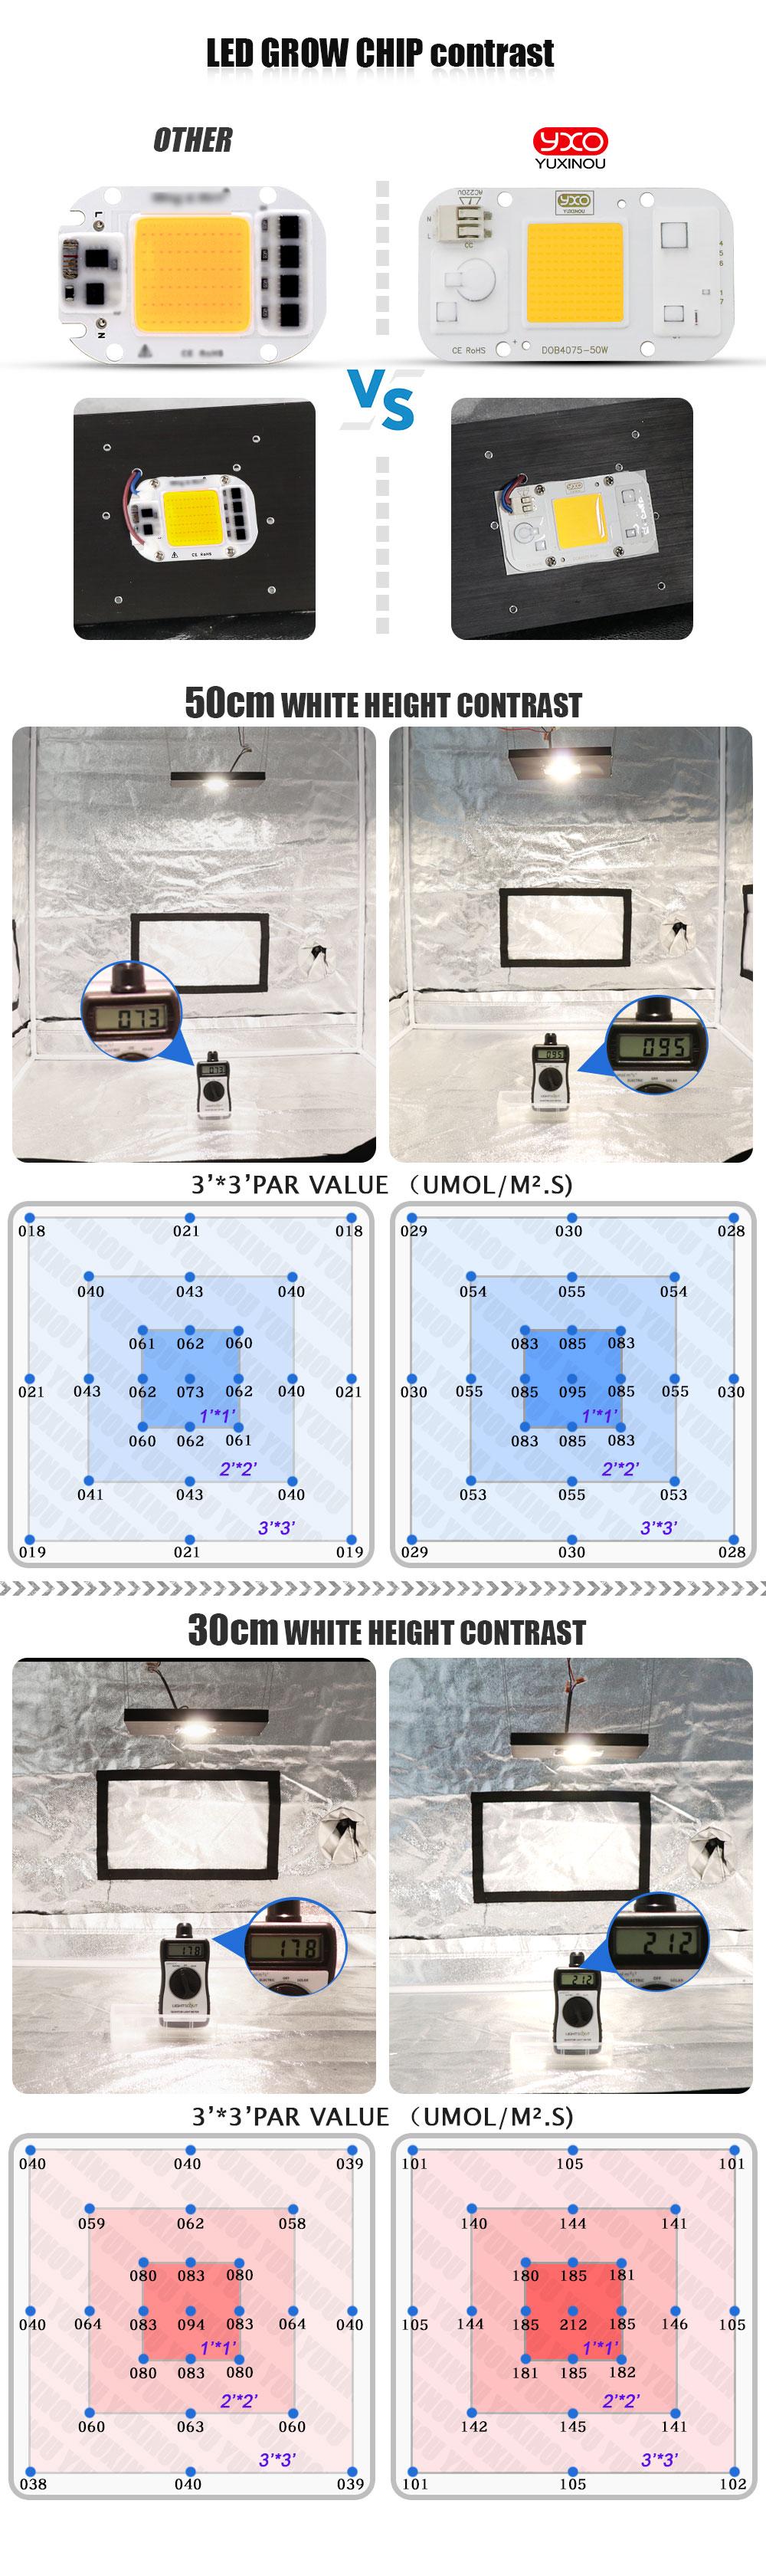 白光2丨3代对比